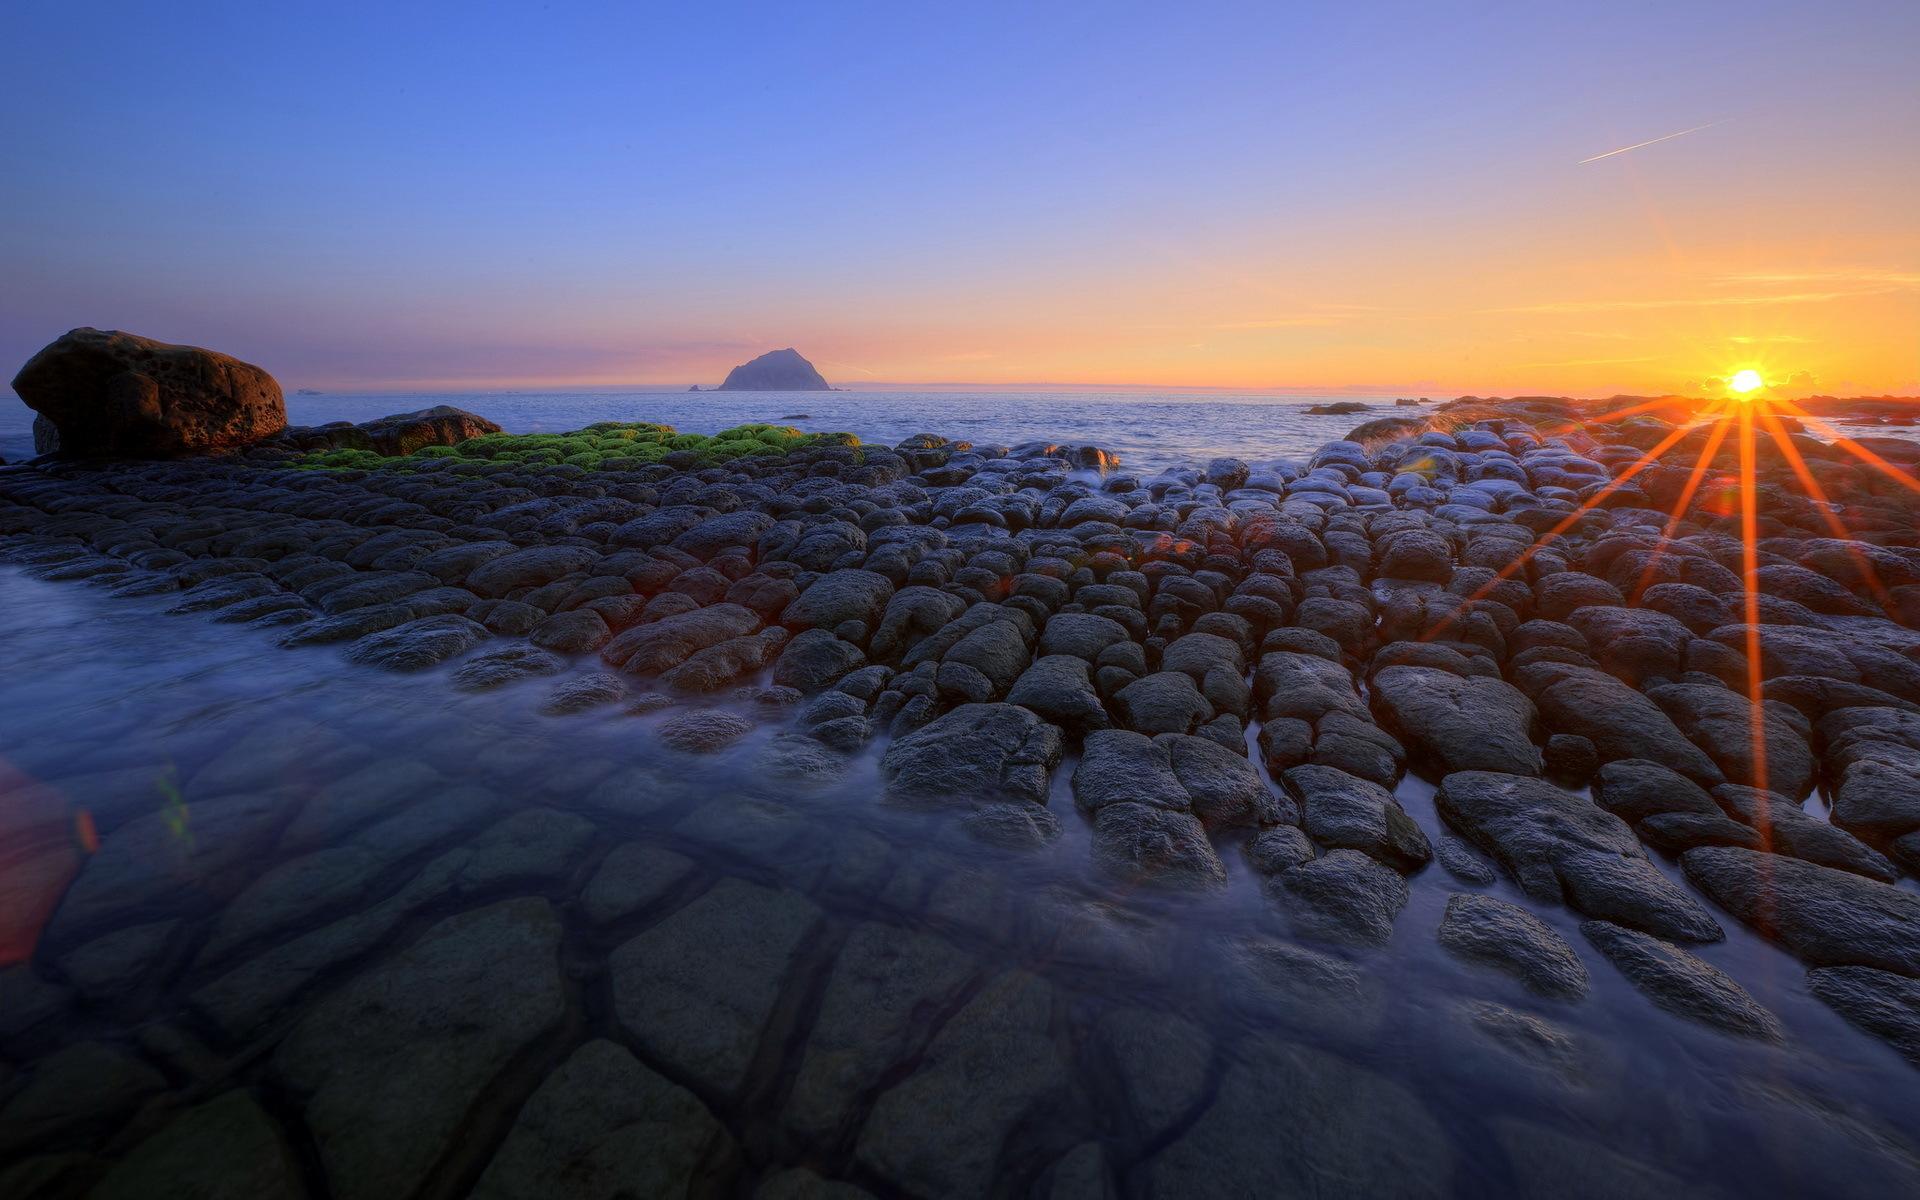 море берег камни закат sea shore stones sunset  № 1033077 бесплатно